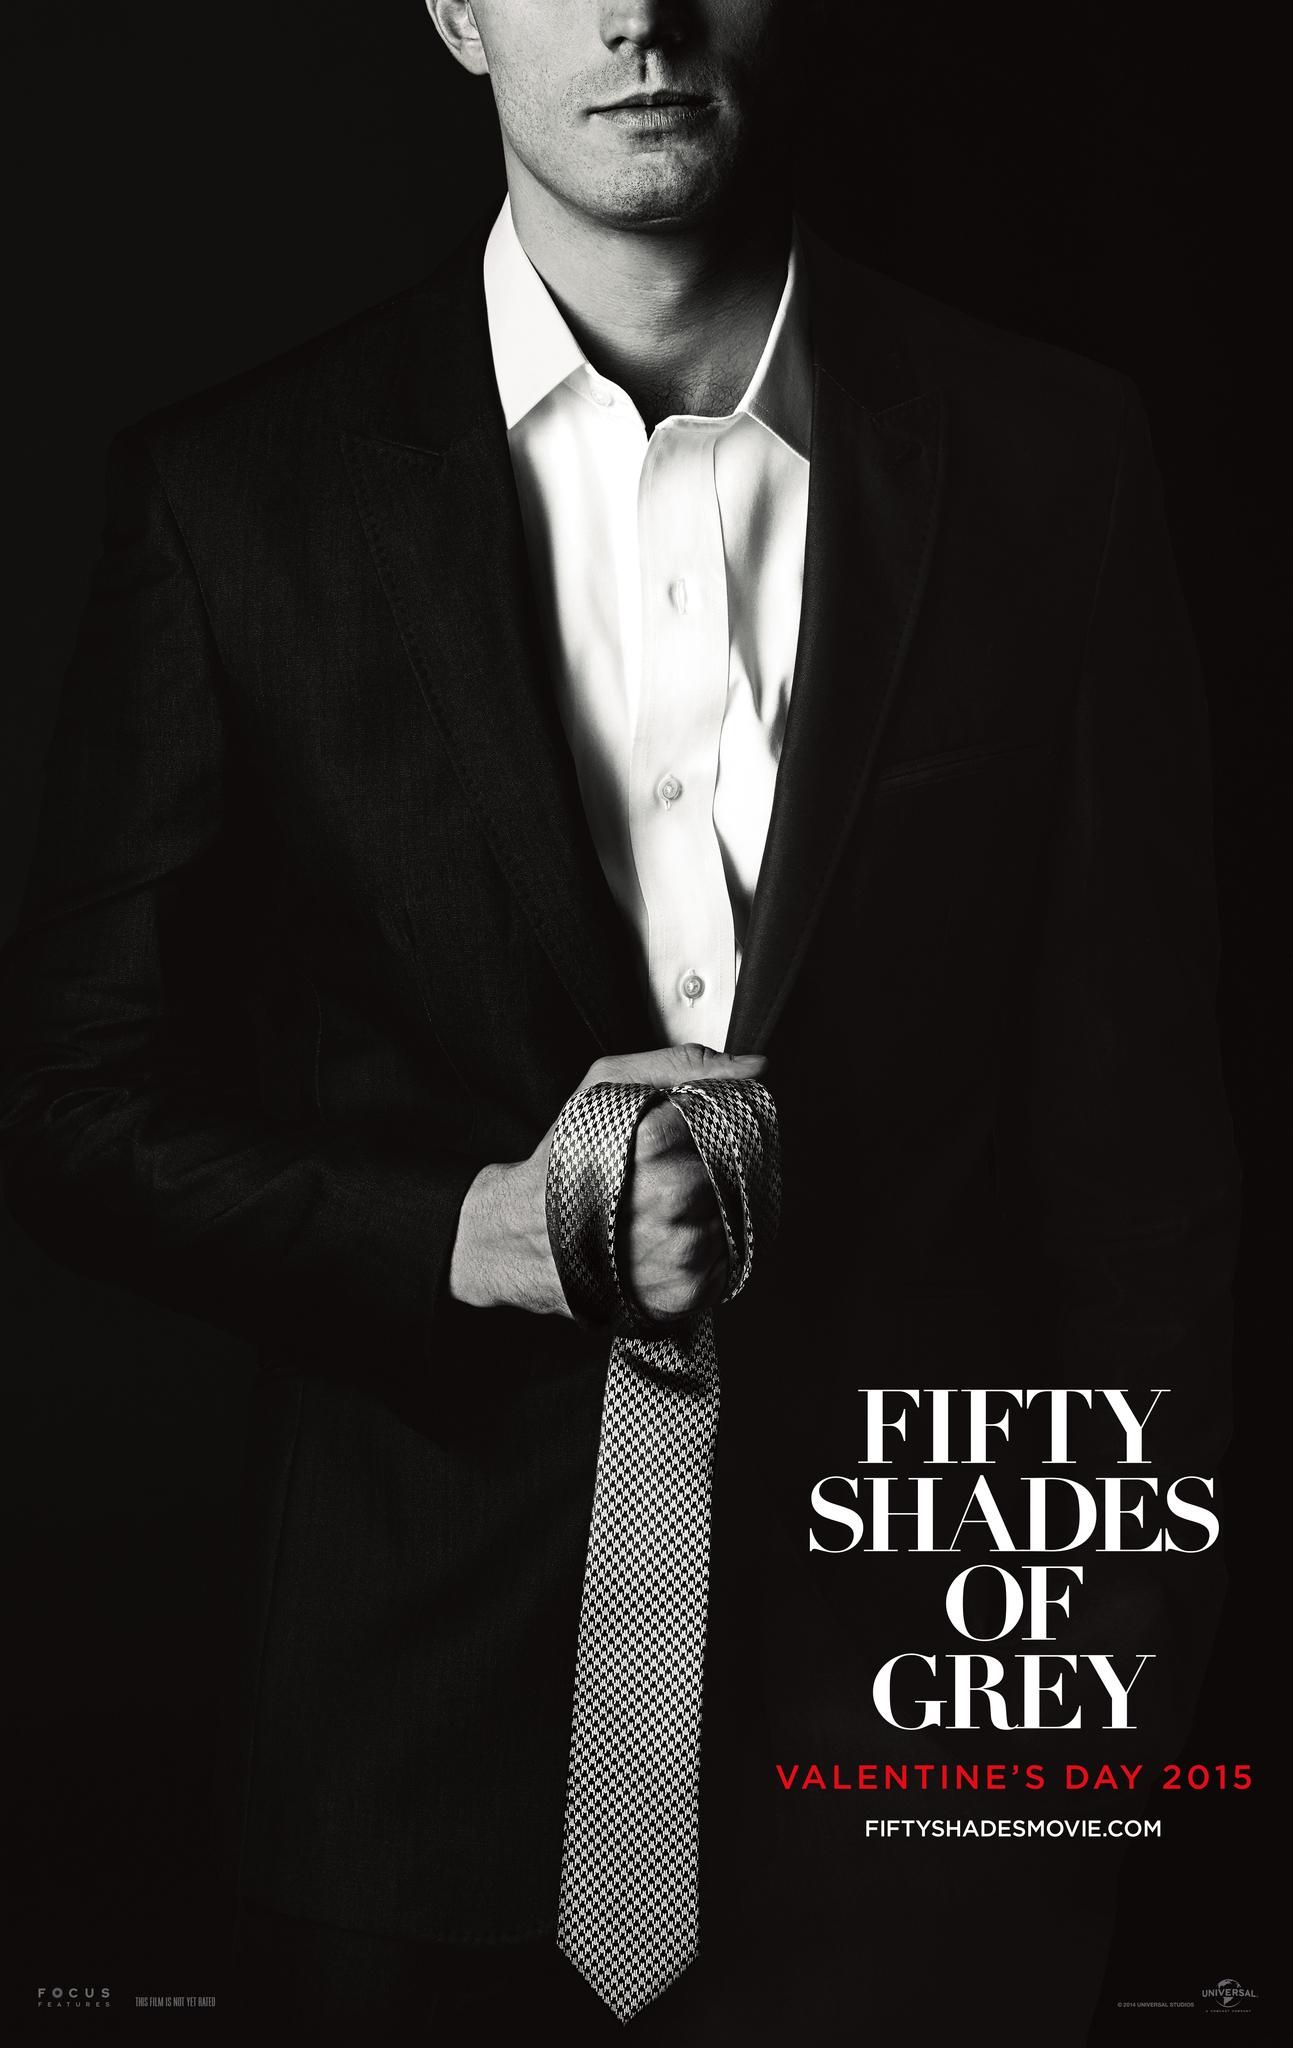 ดูหนัง Fifty Shades Of Grey (2015) ฟิฟตี้ เชดส์ ออฟ เกรย์ ภาค 1